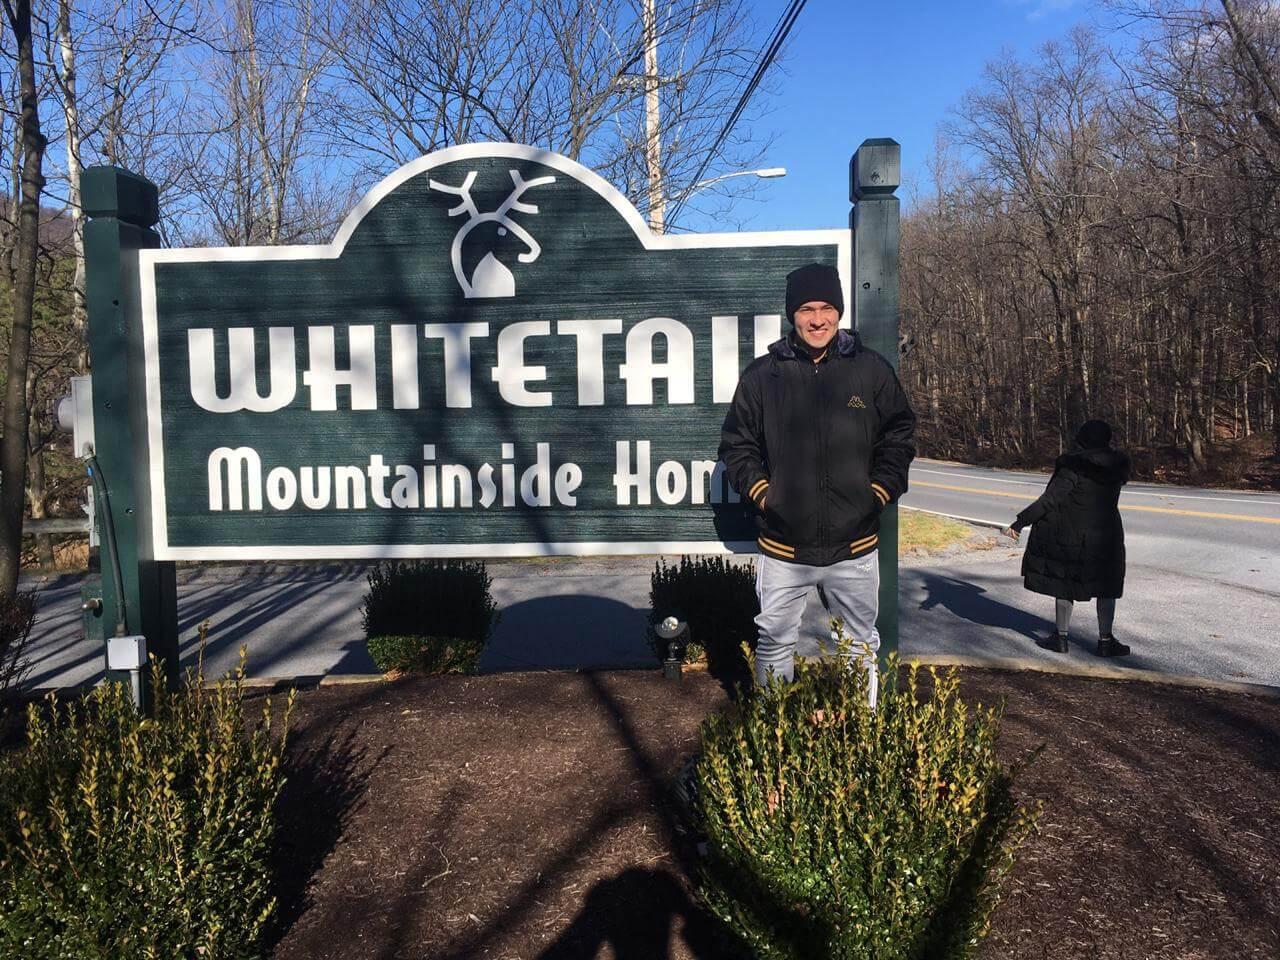 Vinícius trabalhou como ski instructor em Whitetail